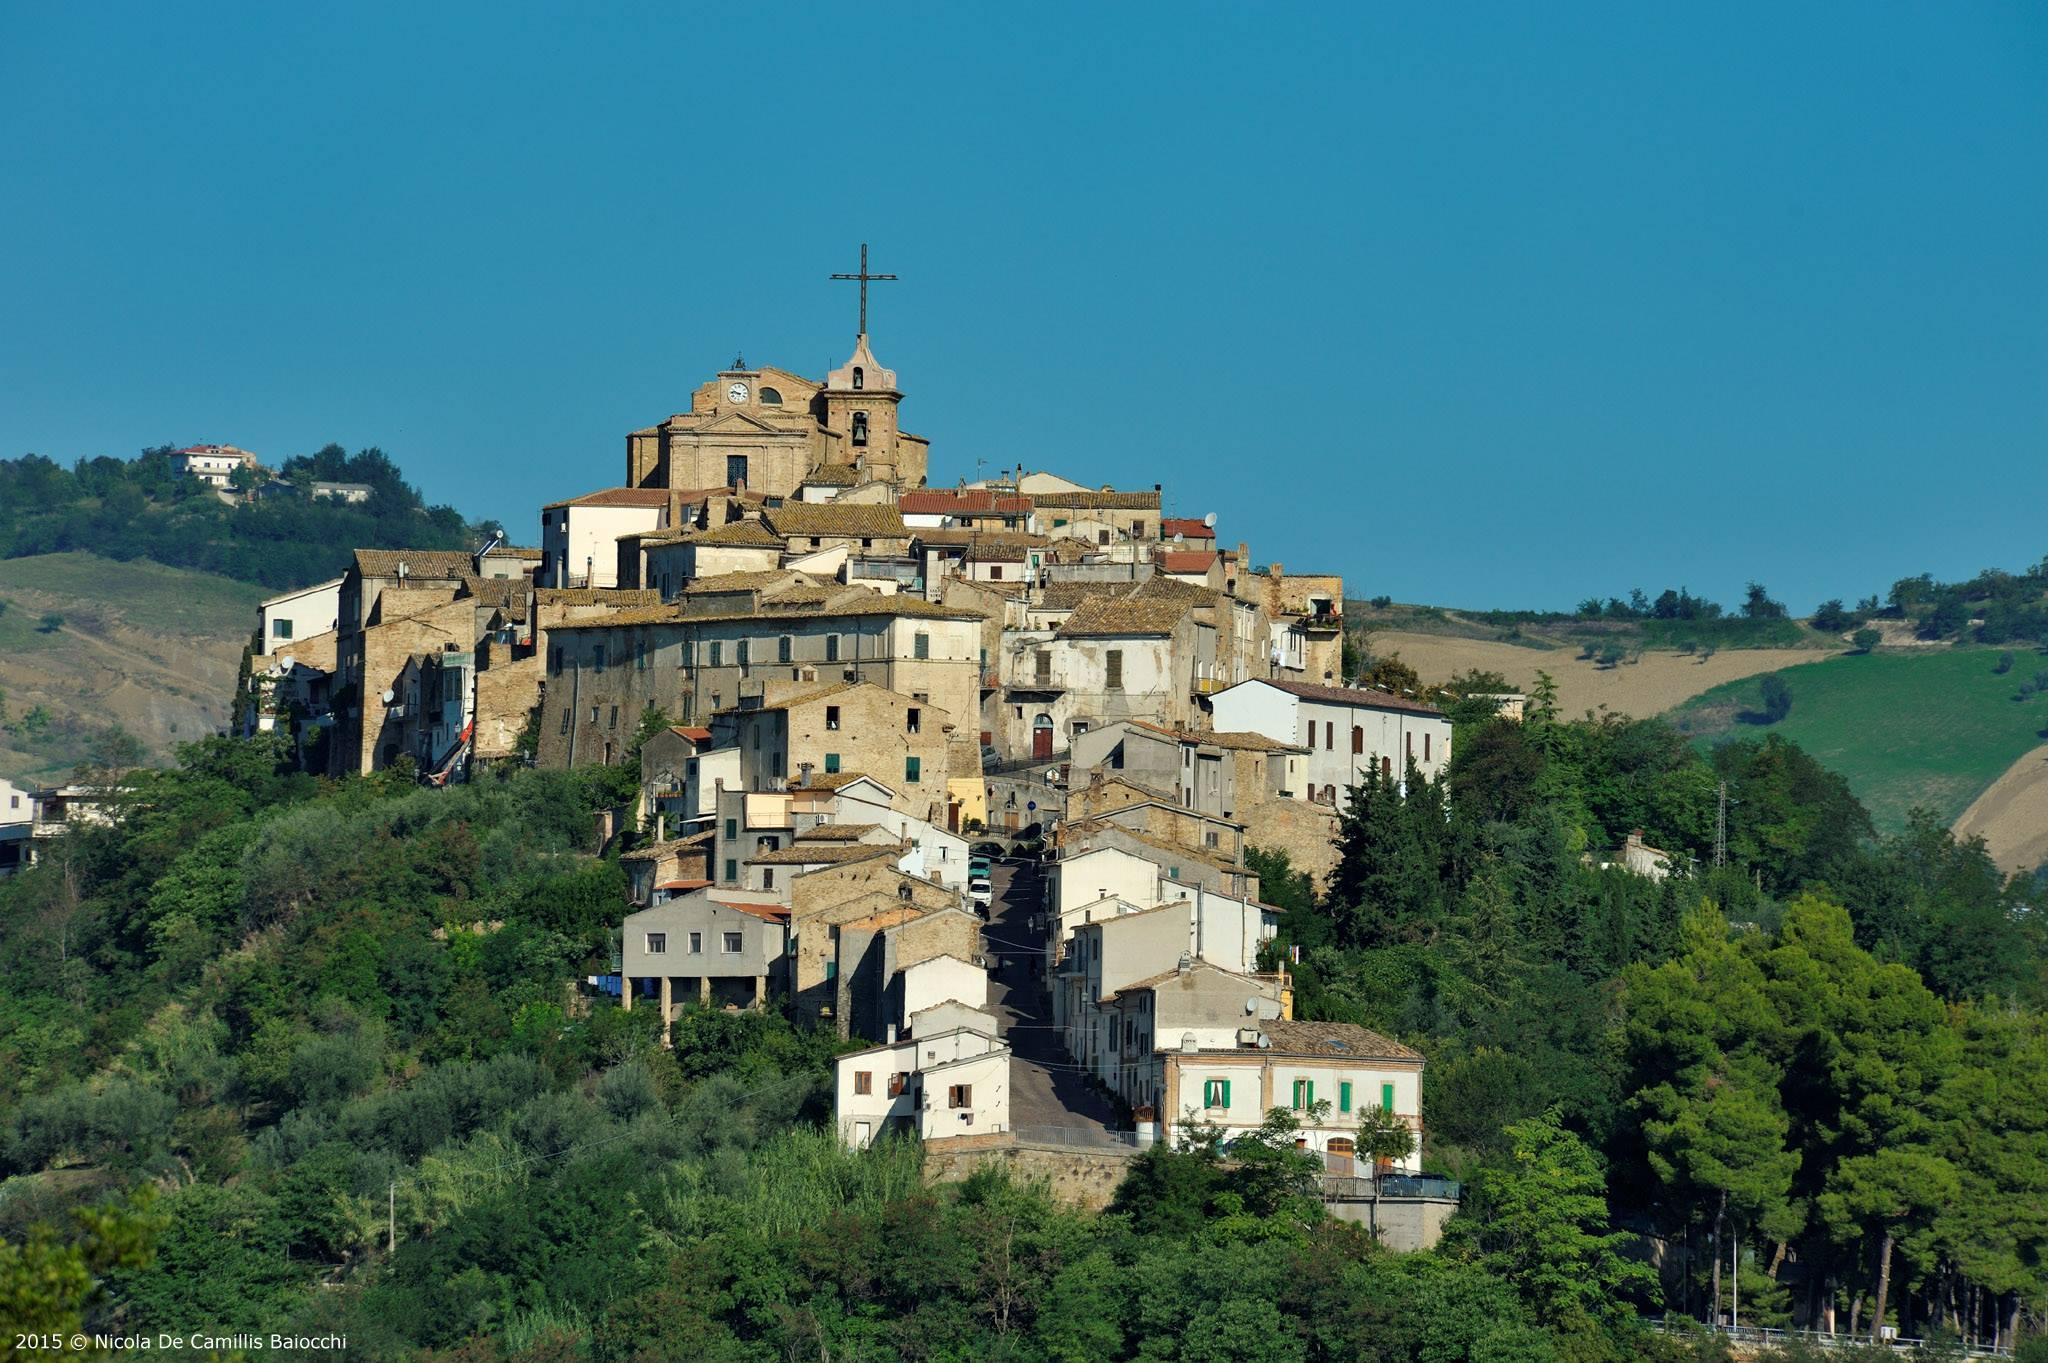 Castiglione Messer Raimondo in Abruzzo